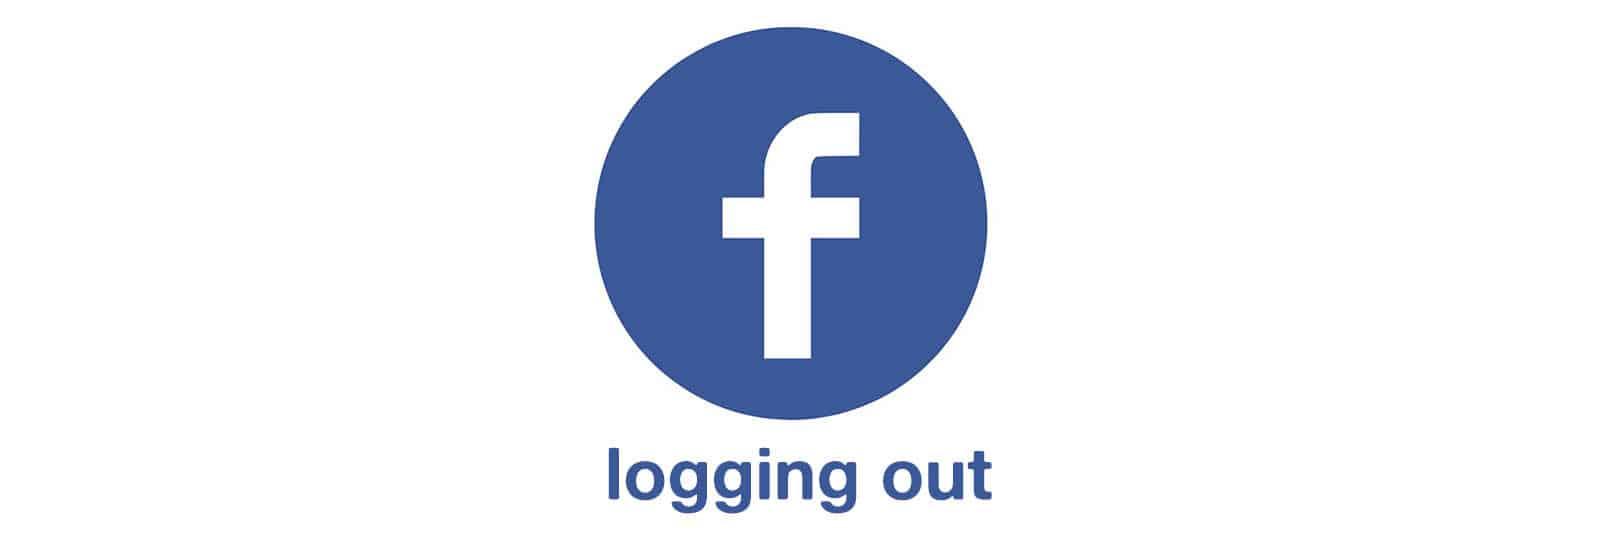 logging-out-facebook